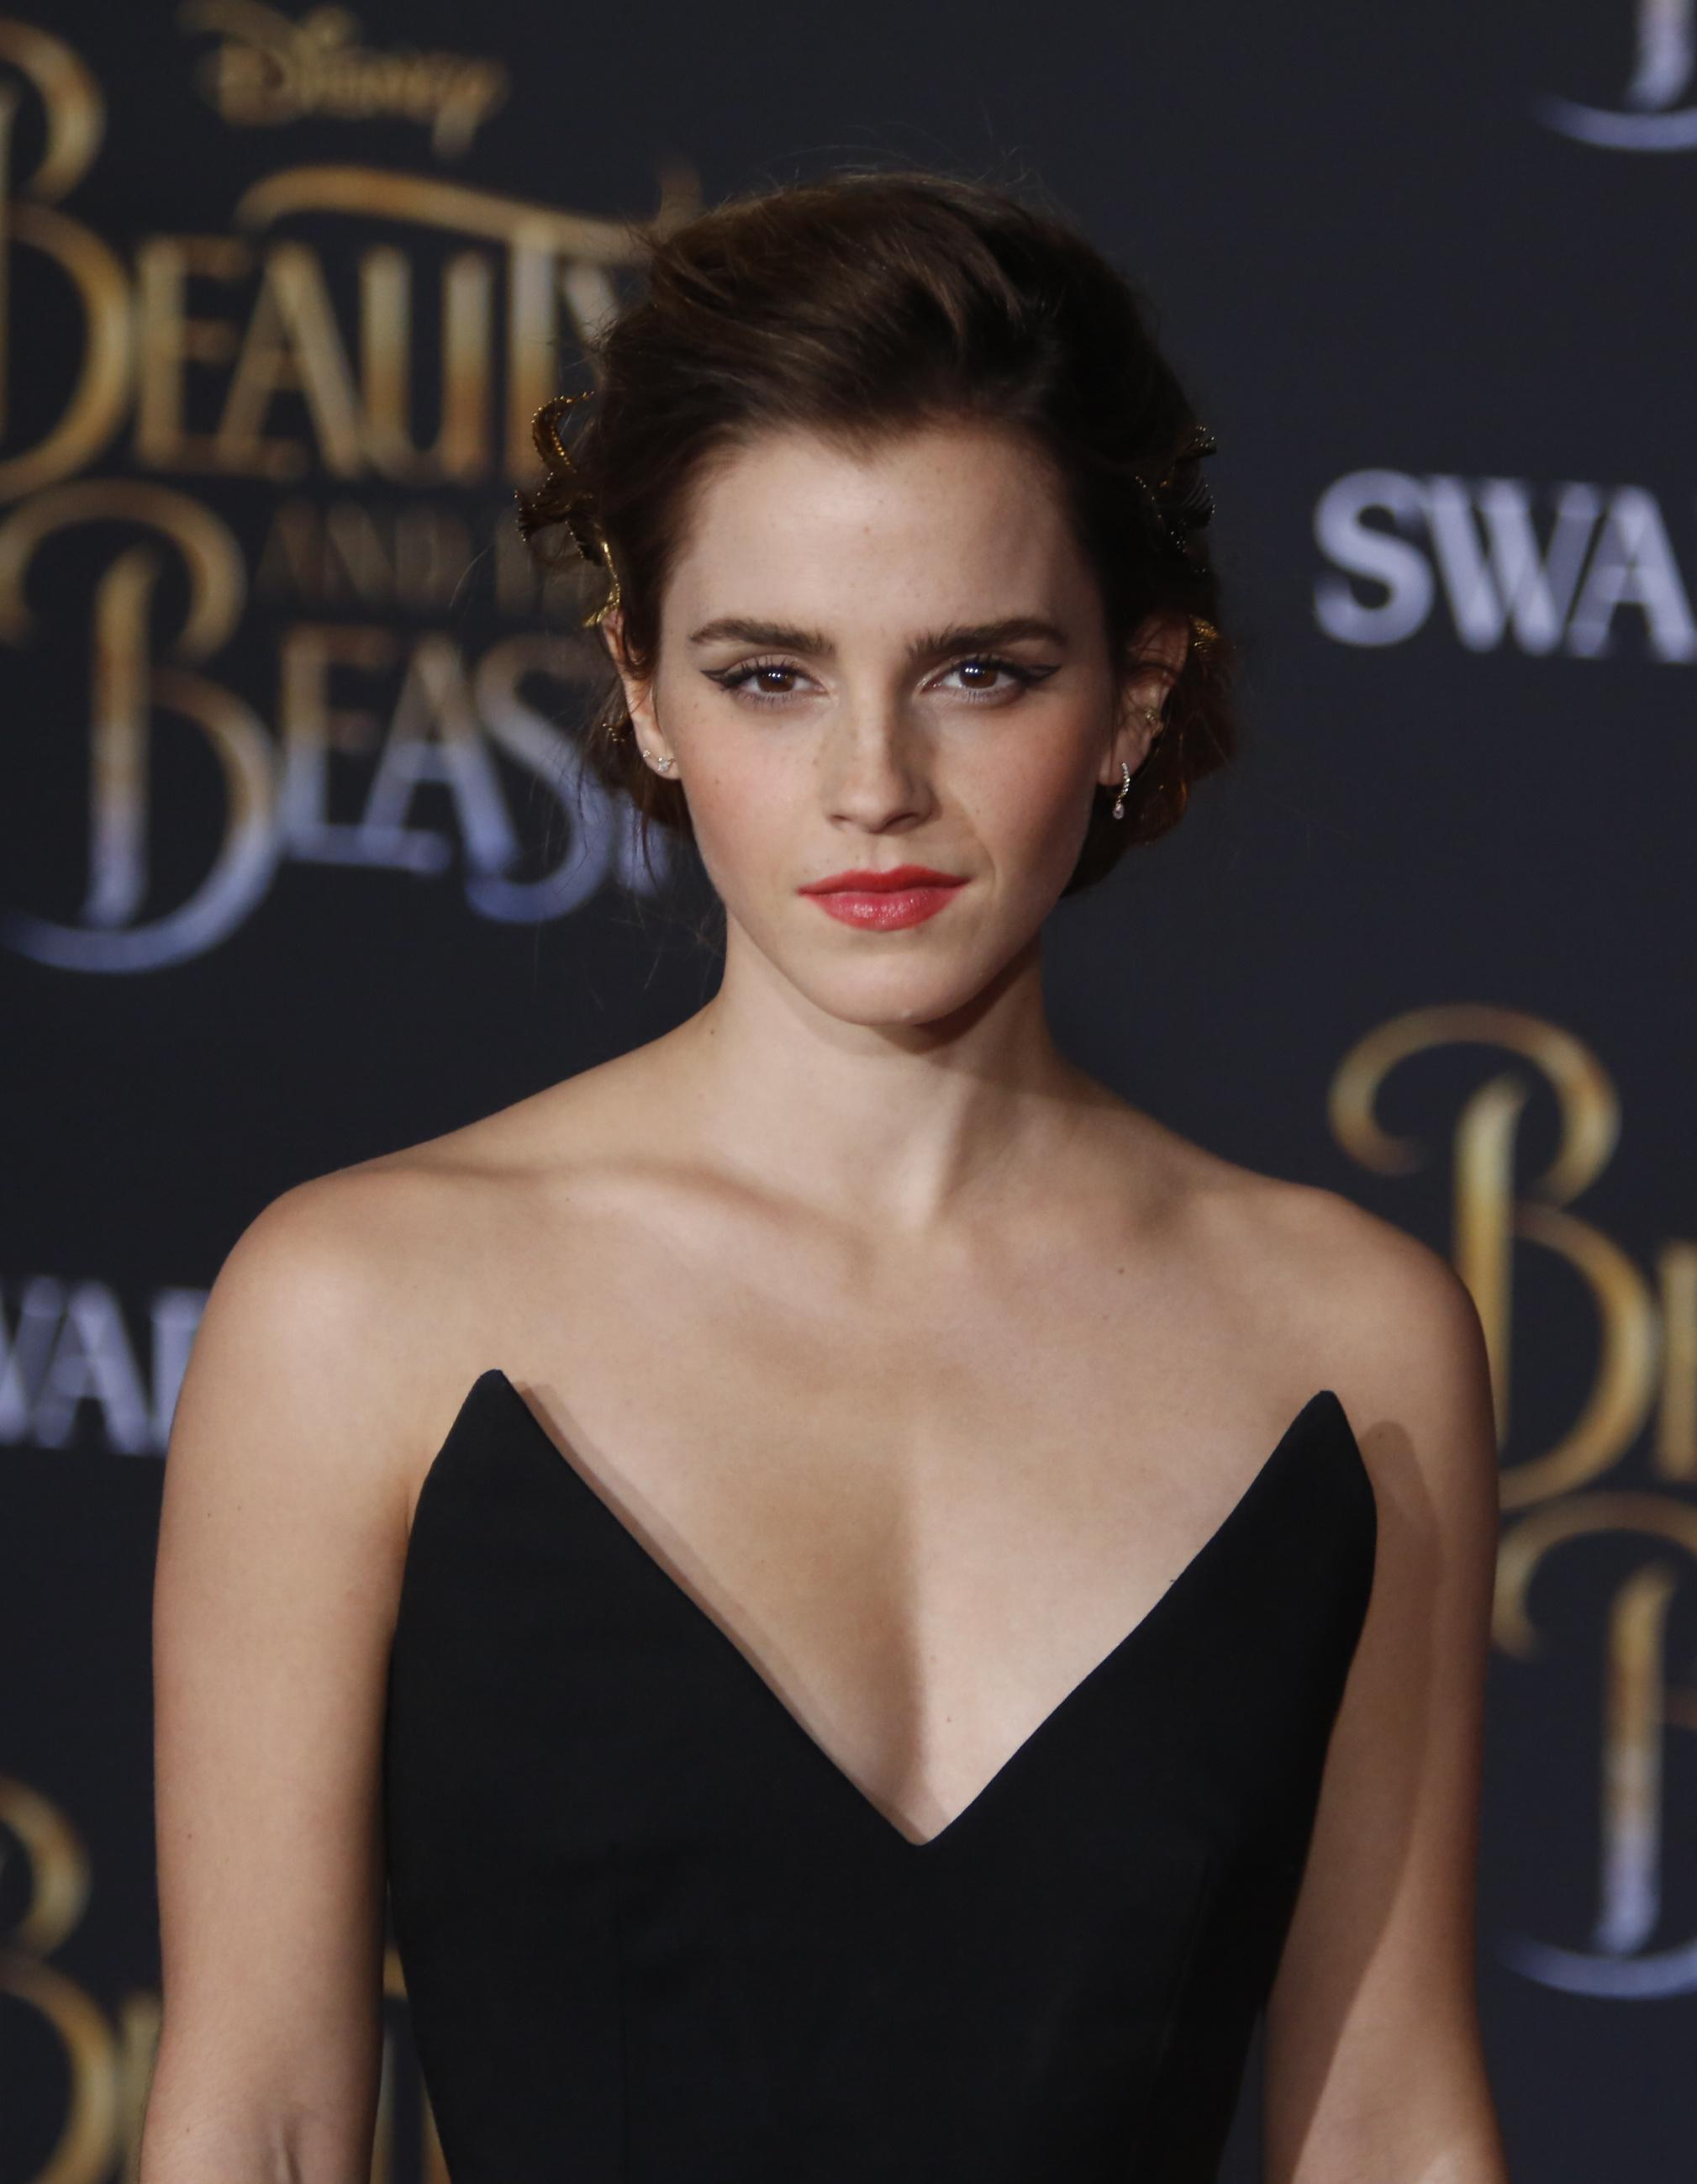 Emma Aujourd'hui Évolution WatsonSon Elle De À Harry Potter OZuTXiPk